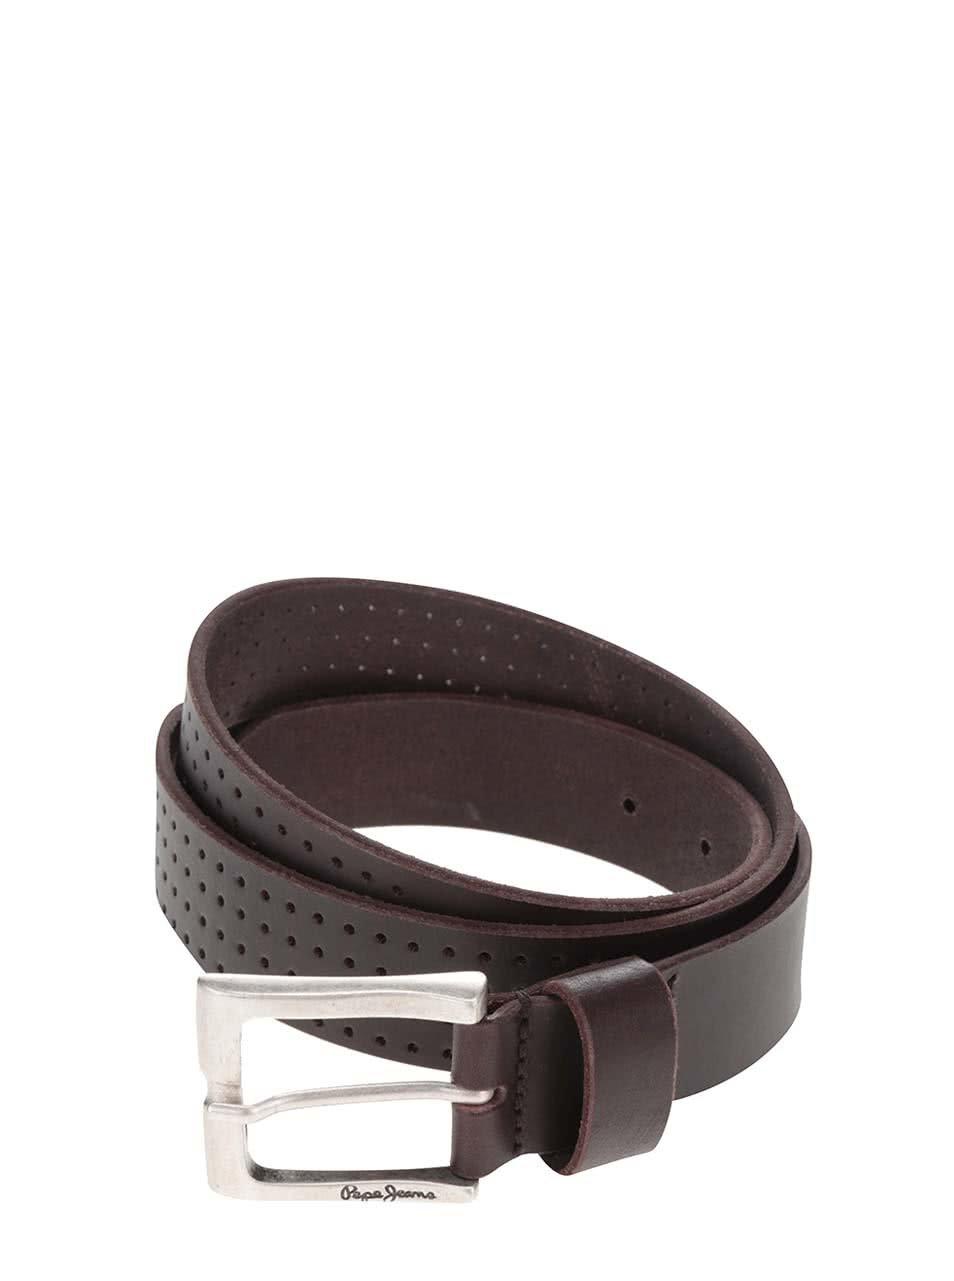 Hnědý pánský kožený pásek Pepe Jeans Balkio ... 0dfdb04064